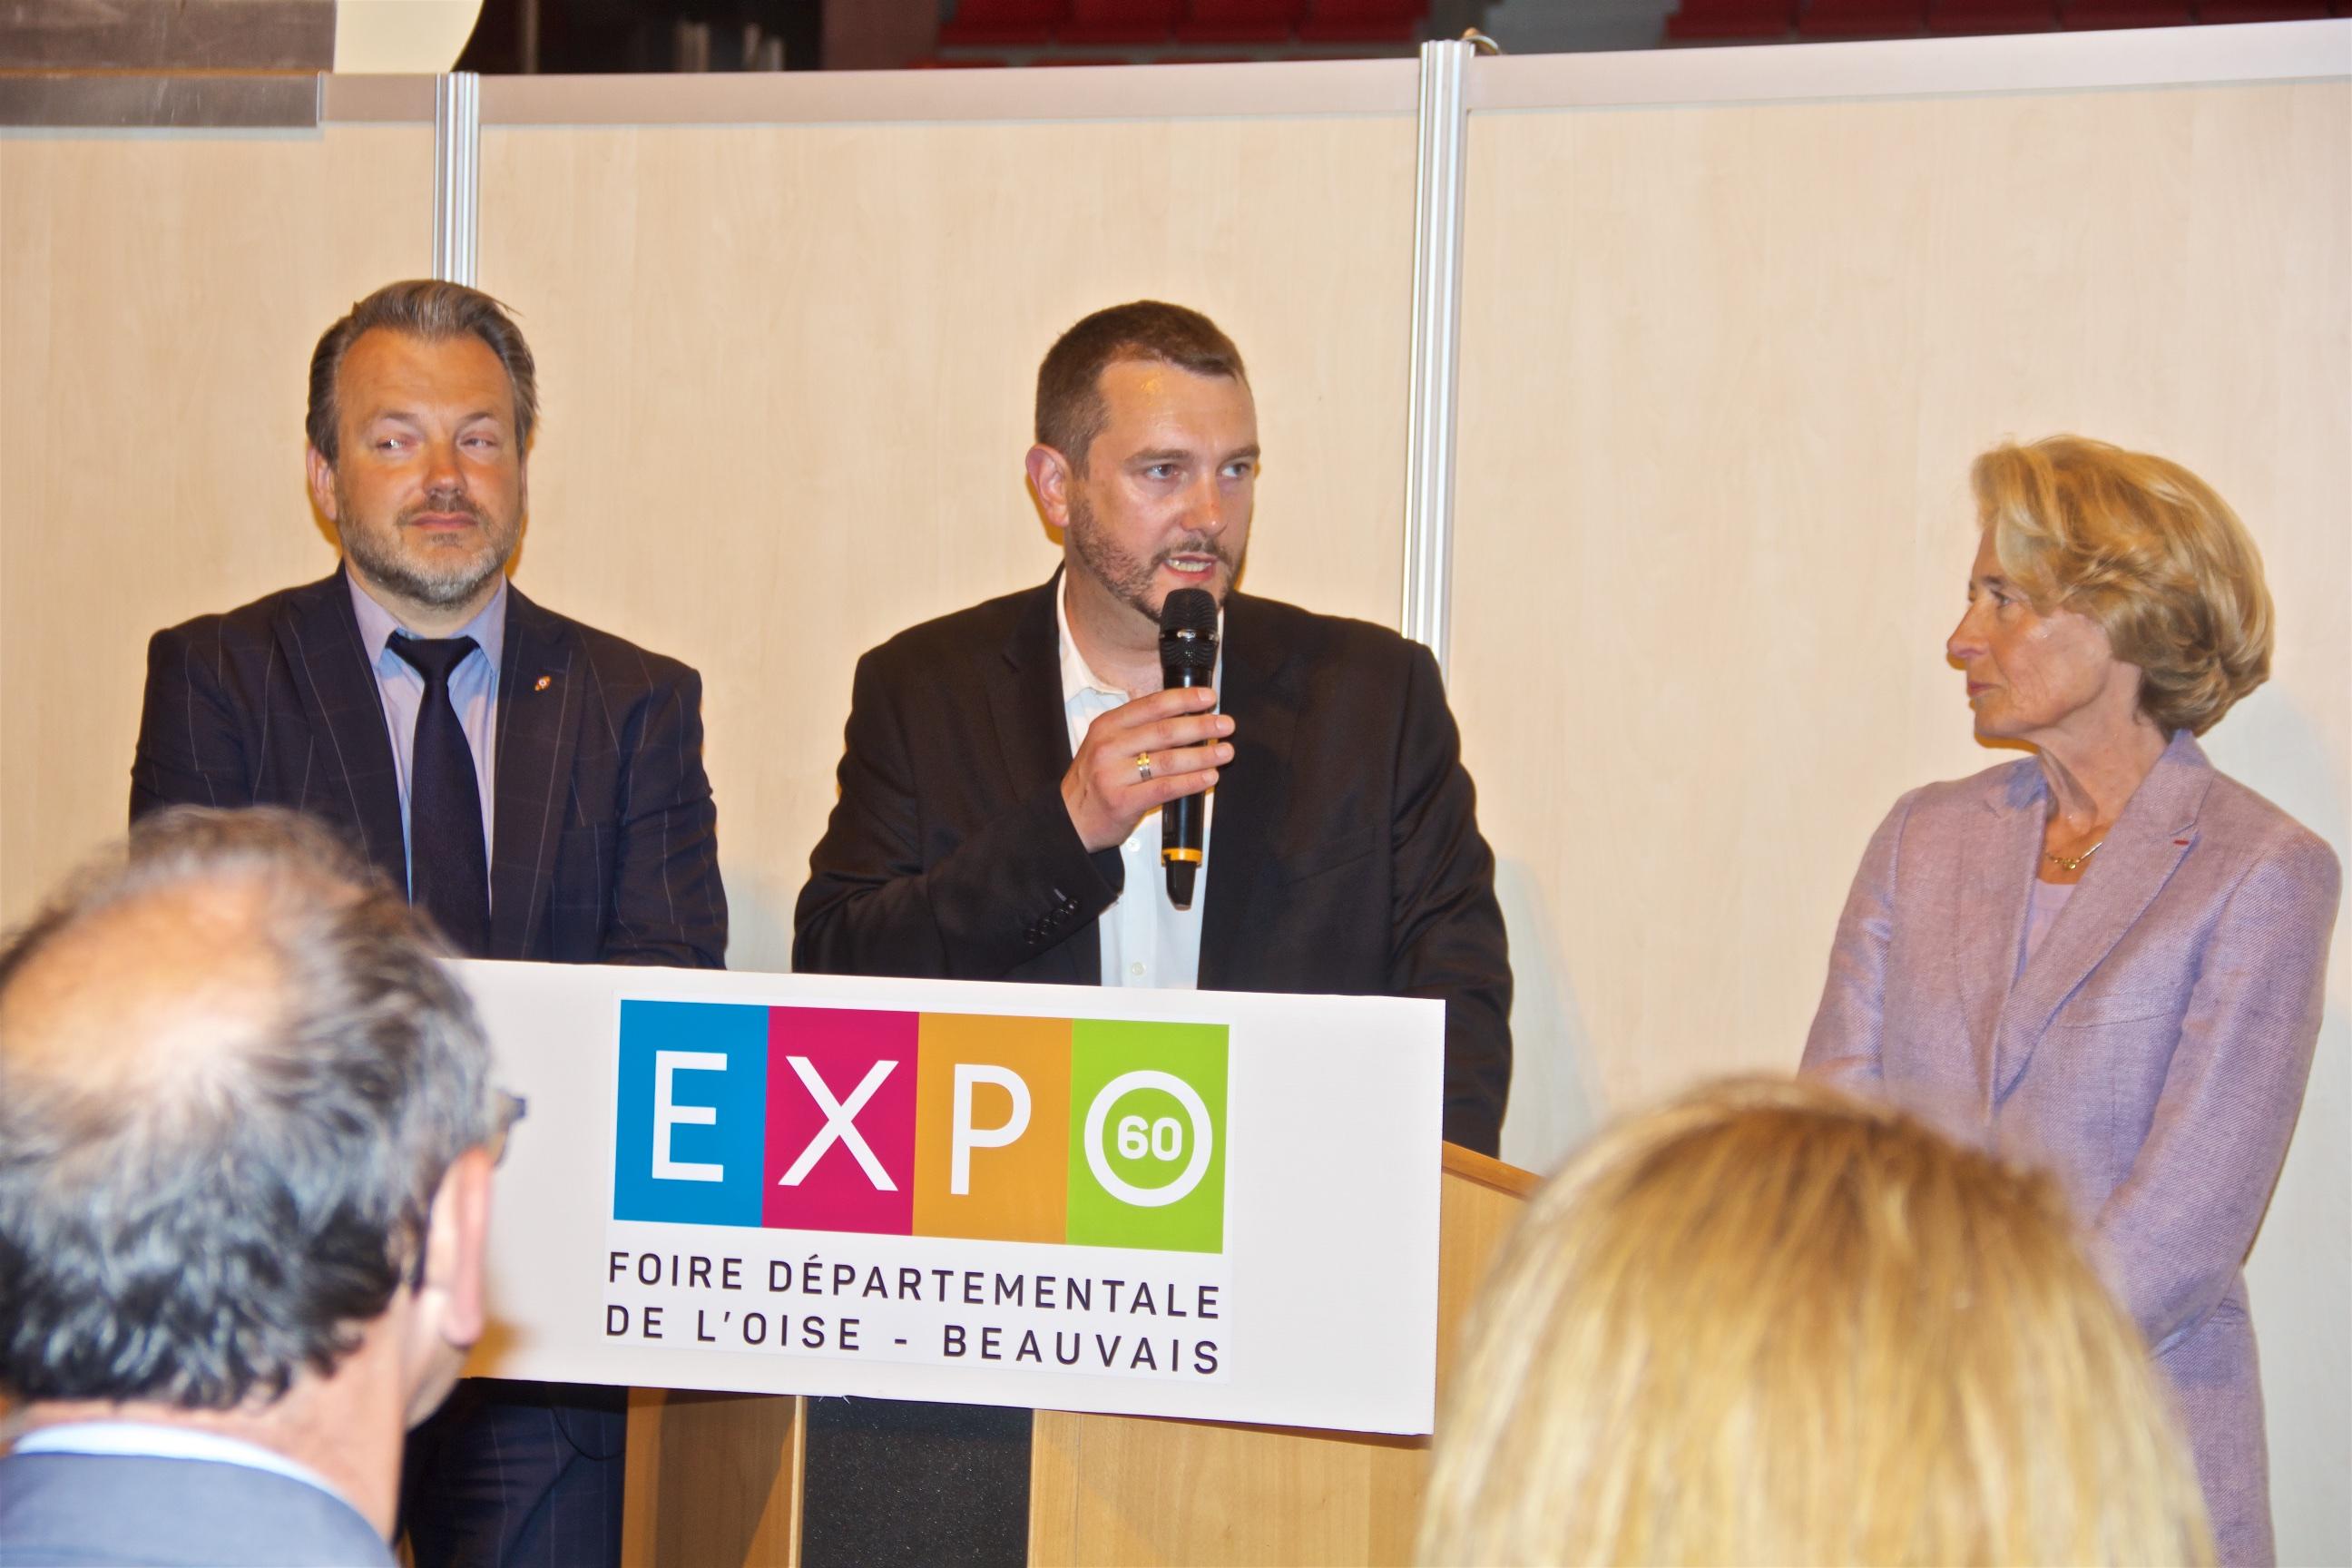 Foire Exposition Départementale Oise Beauvais